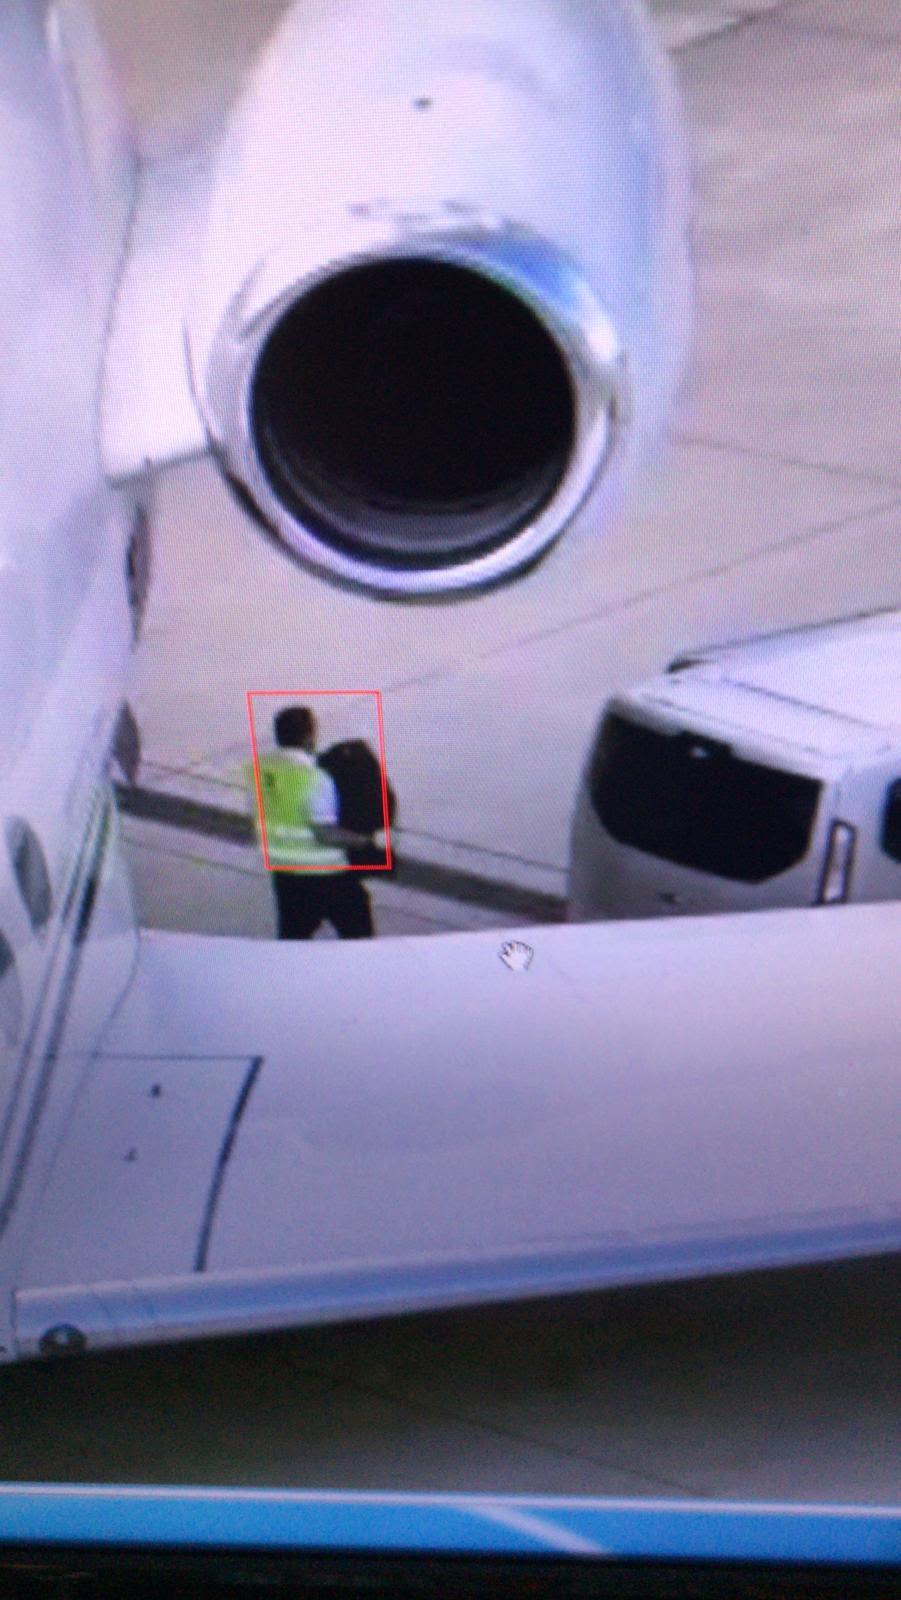 Prenošenje droge iz aviona u kombi neposredno prije hapšenja u garaži